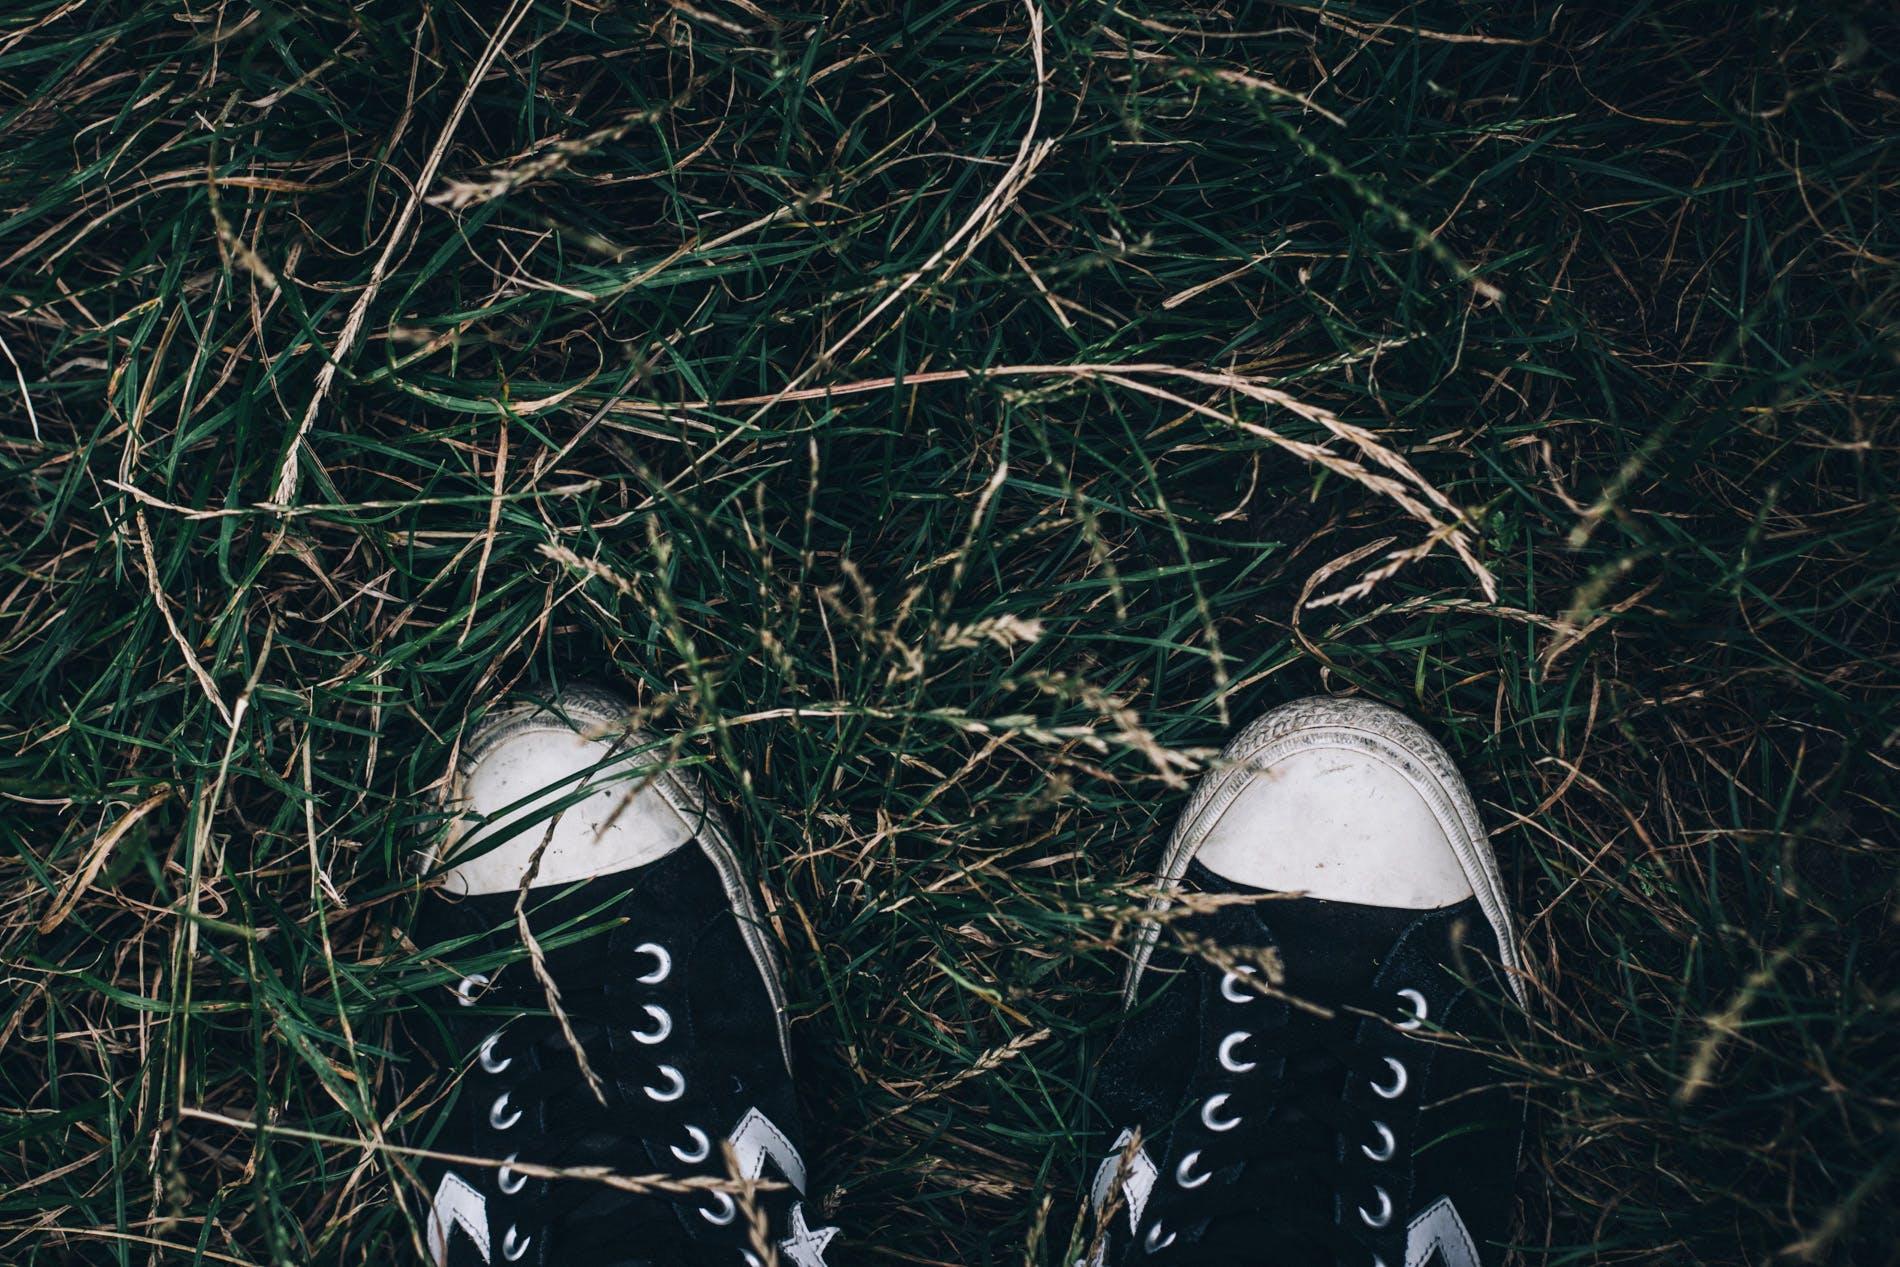 Pair of Black Sneakers